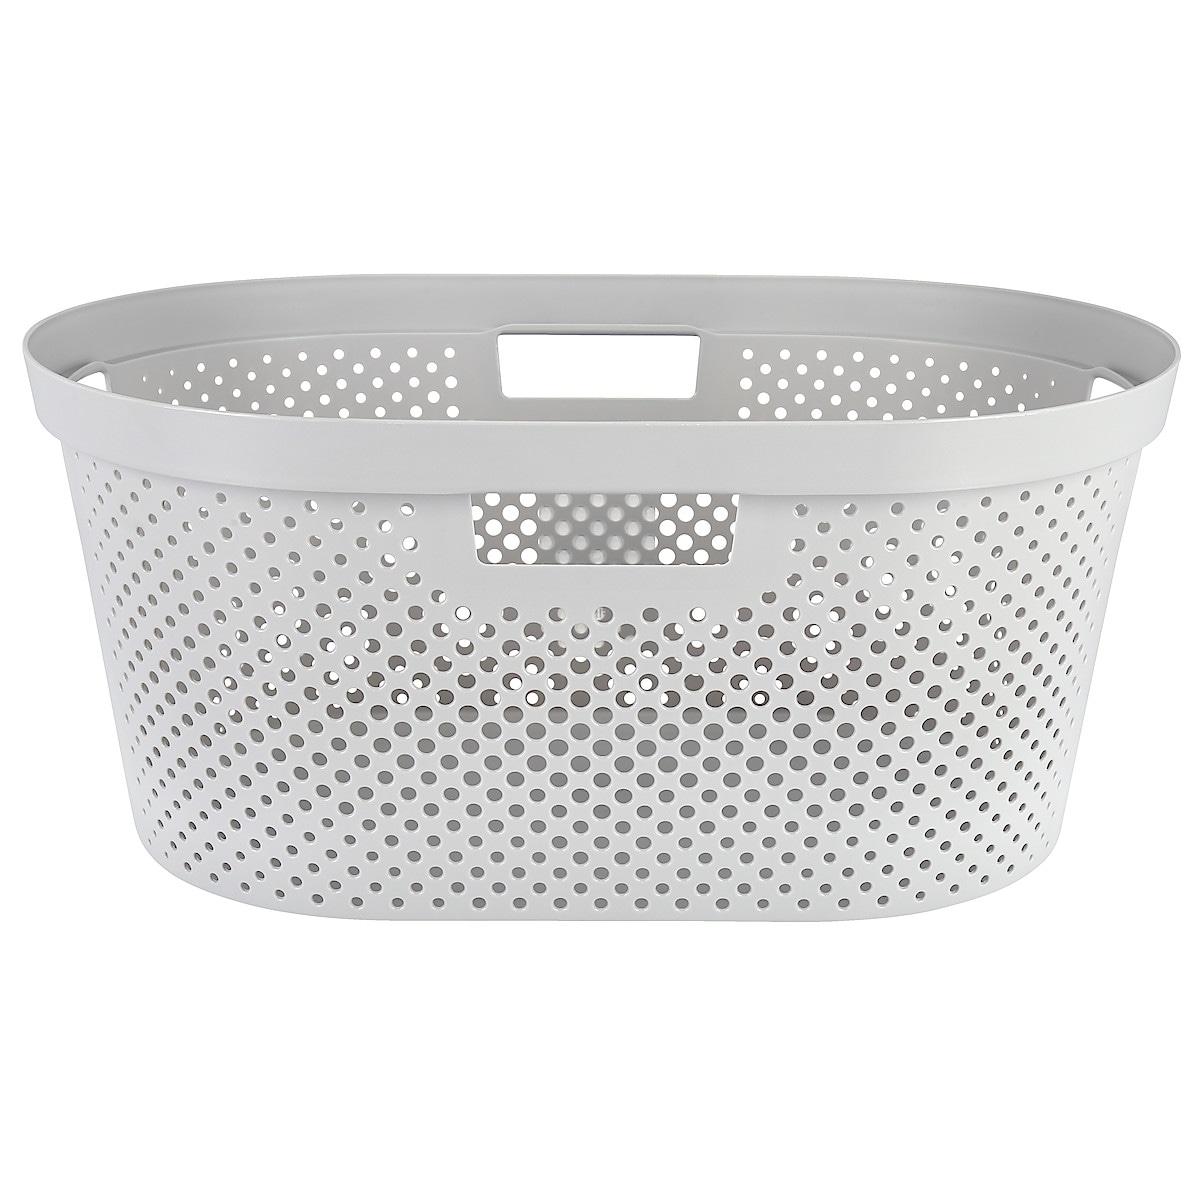 Wäsche- und Aufbewahrungskorb